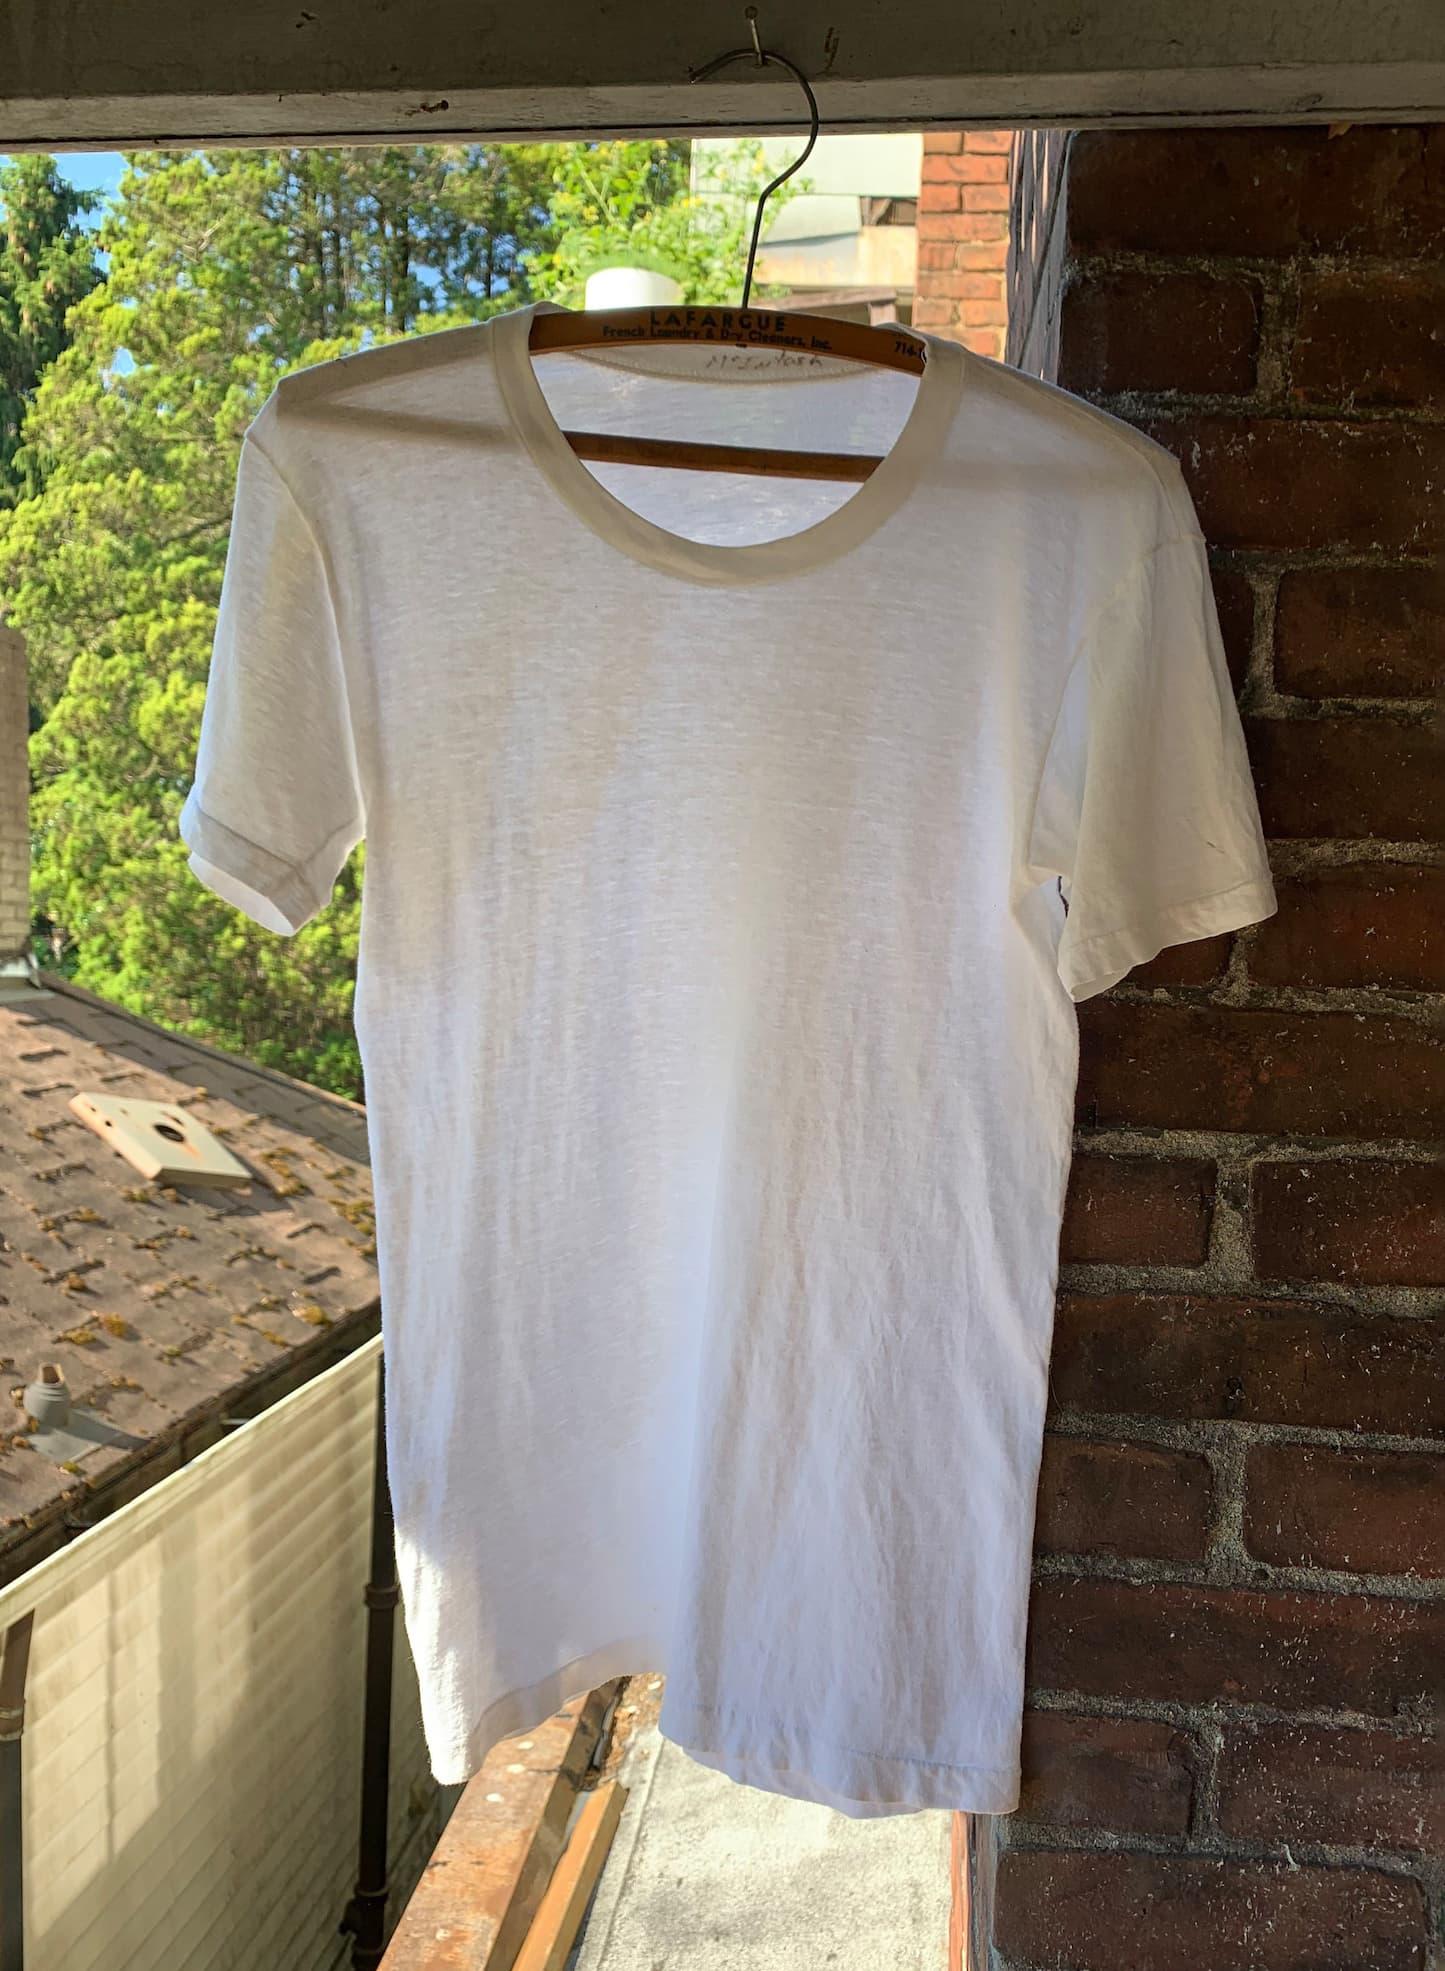 Vintage 80s White T-Shirt - Paper Thin - Single Stitched - Threadbare White T - Medium